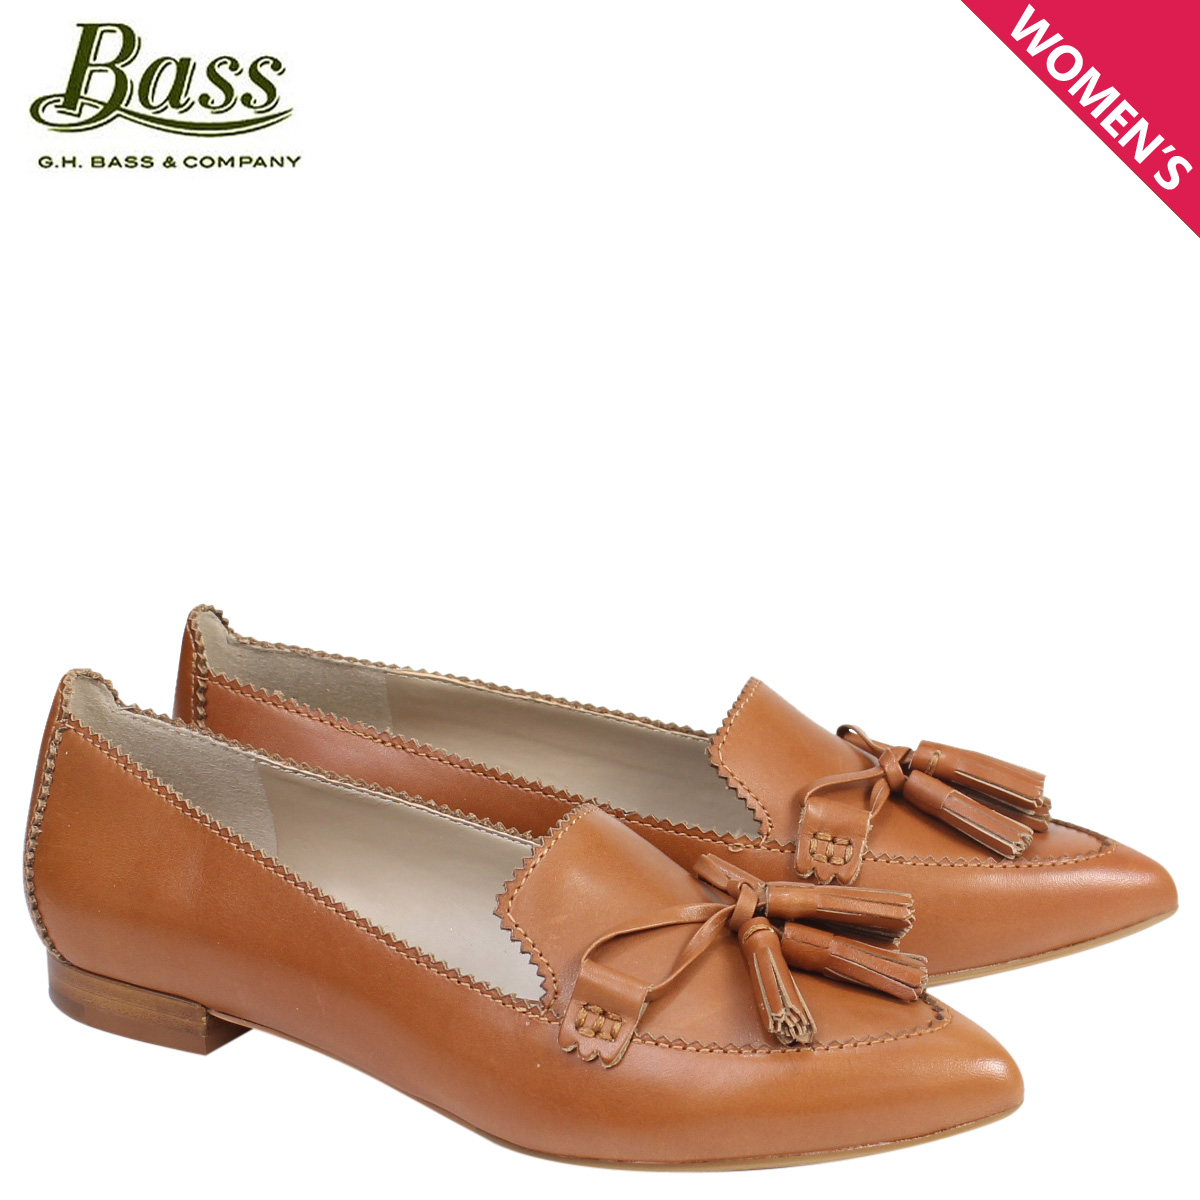 G.H. BASS ローファー ジーエイチバス レディース タッセル KELSEY TASSEL LOAFER 71-23438 靴 ブラウン